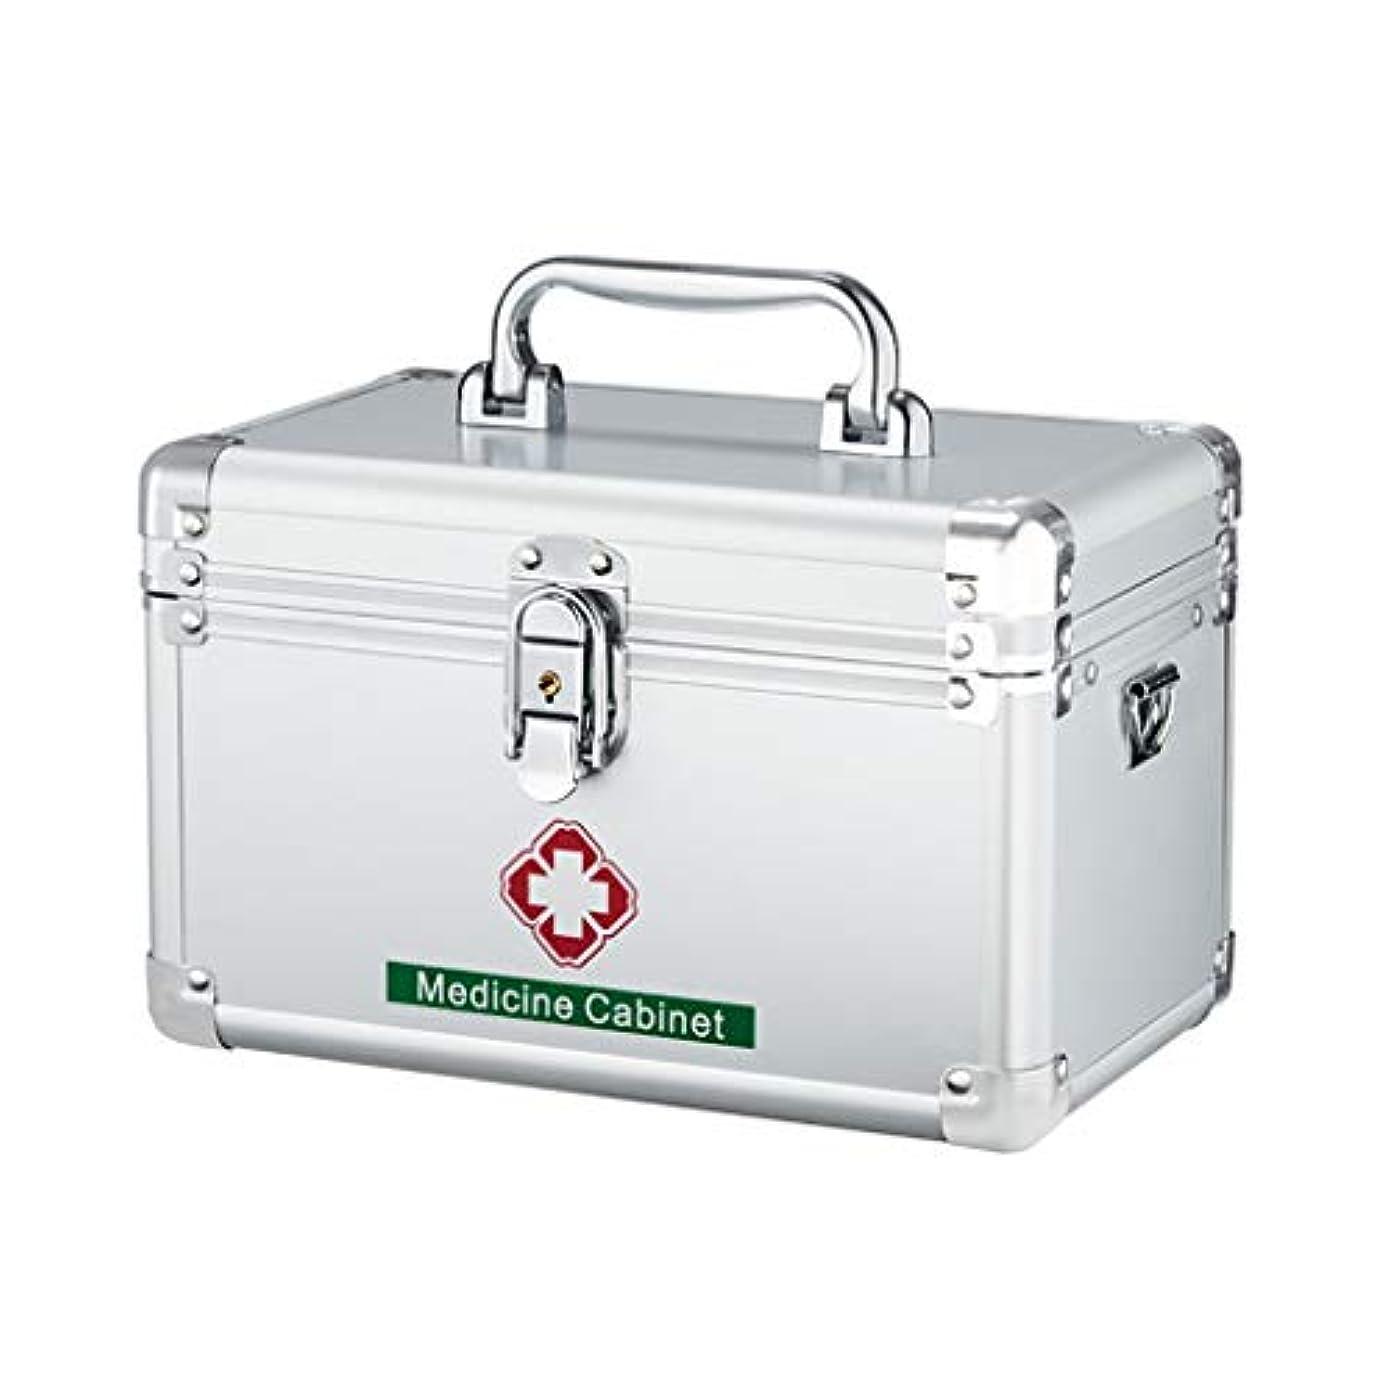 悲しいことに数字過度にKKYY 救急箱ロック可能な救急箱車、家、旅行、キャンプ、オフィスまたはスポーツのための携帯用ハンドルが付いている安全ロックの薬の収納箱